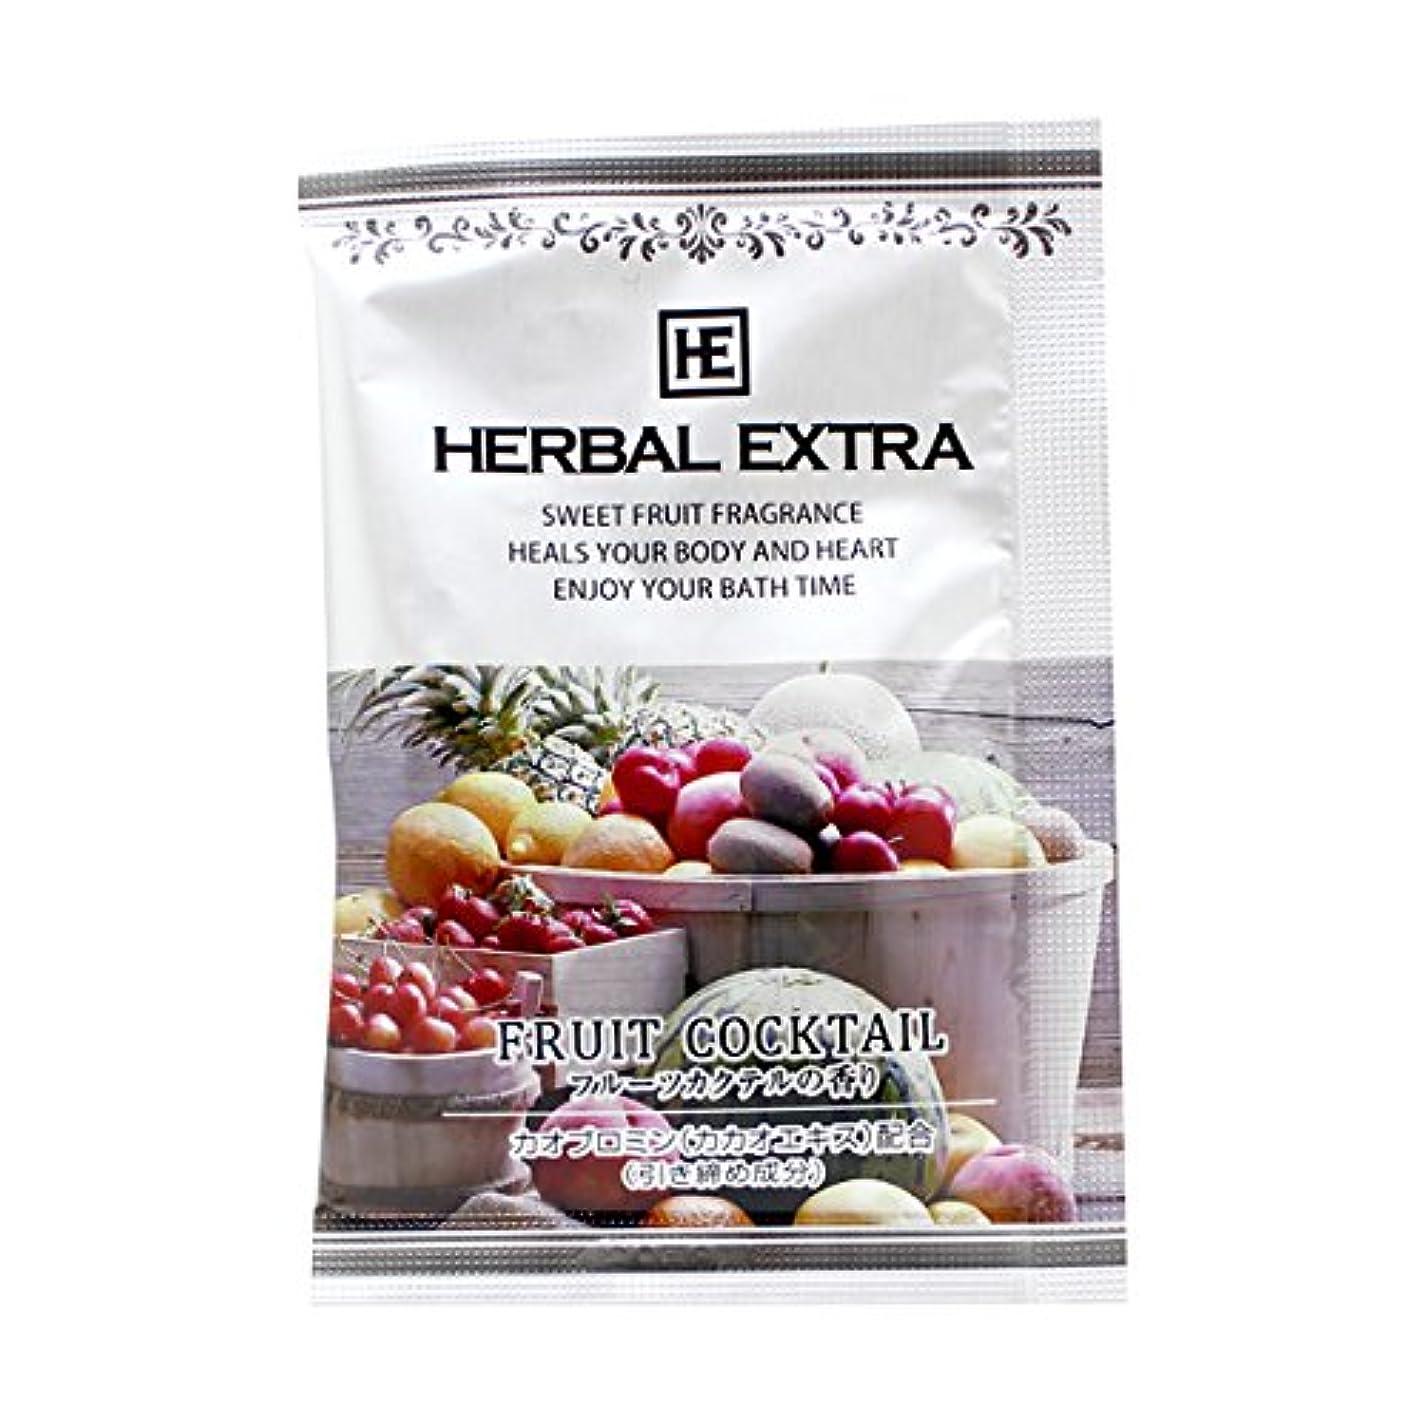 マント知恵エゴイズム入浴剤 ハーバルエクストラ「フルーツカクテルの香り」30個